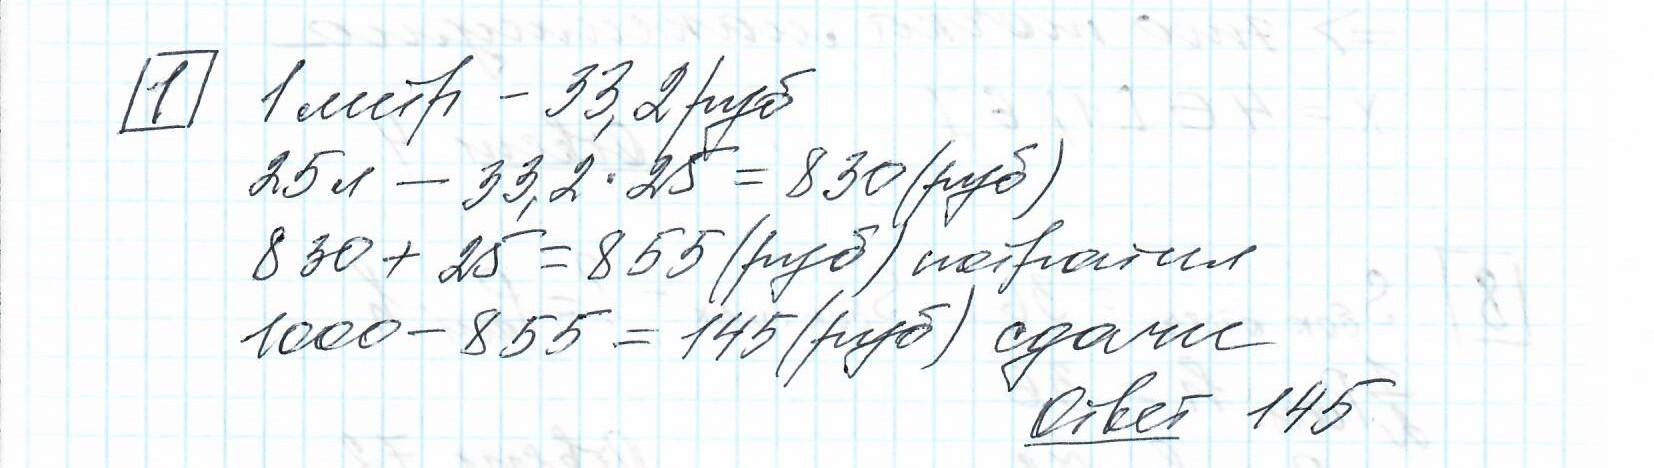 Задние 1, Вариант 7, решение и ответ - Ященко ЕГЭ 2019 математика профиль 36 вариантов